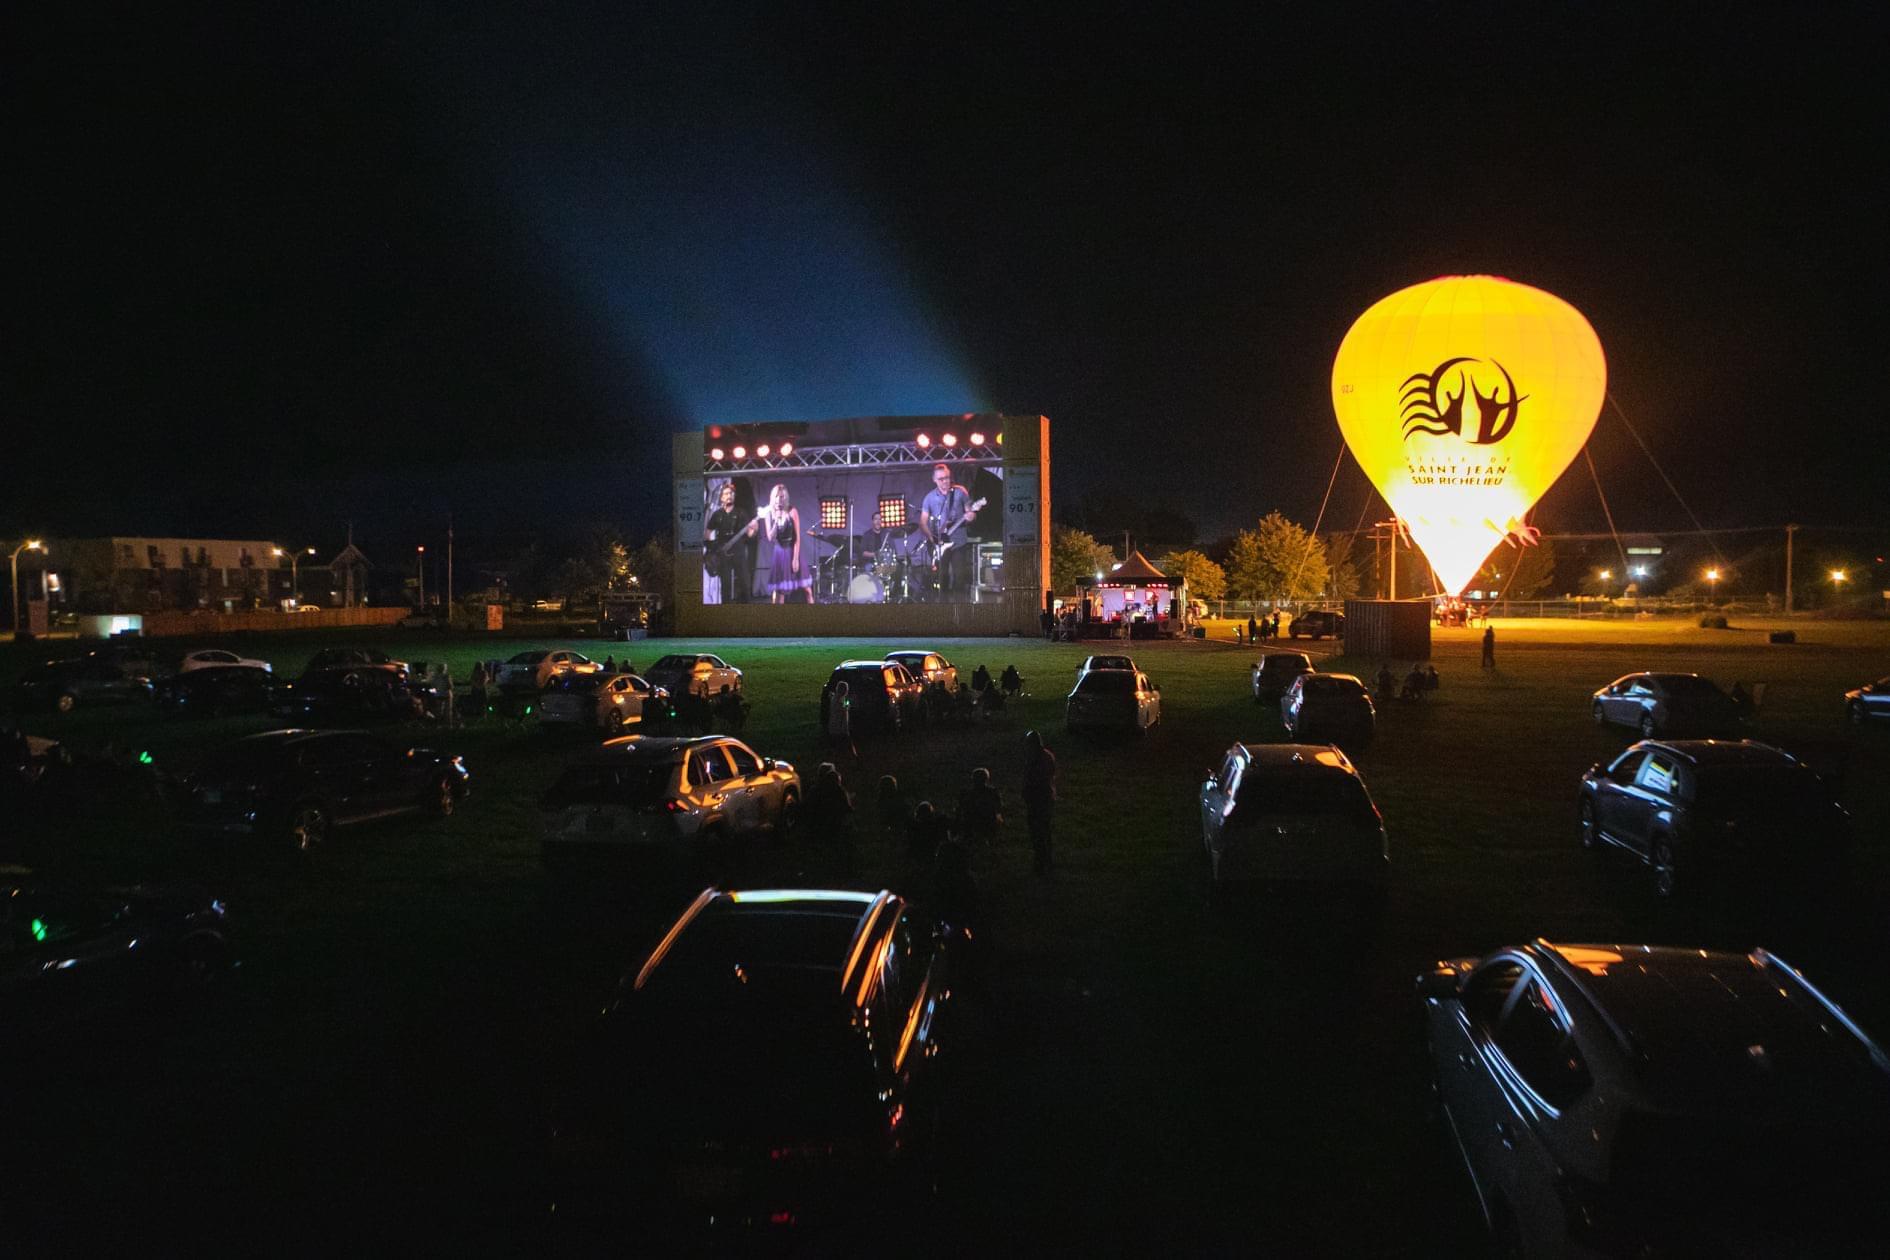 Piko Parc : Le laboratoire de l'humour en vacances et D-Jay